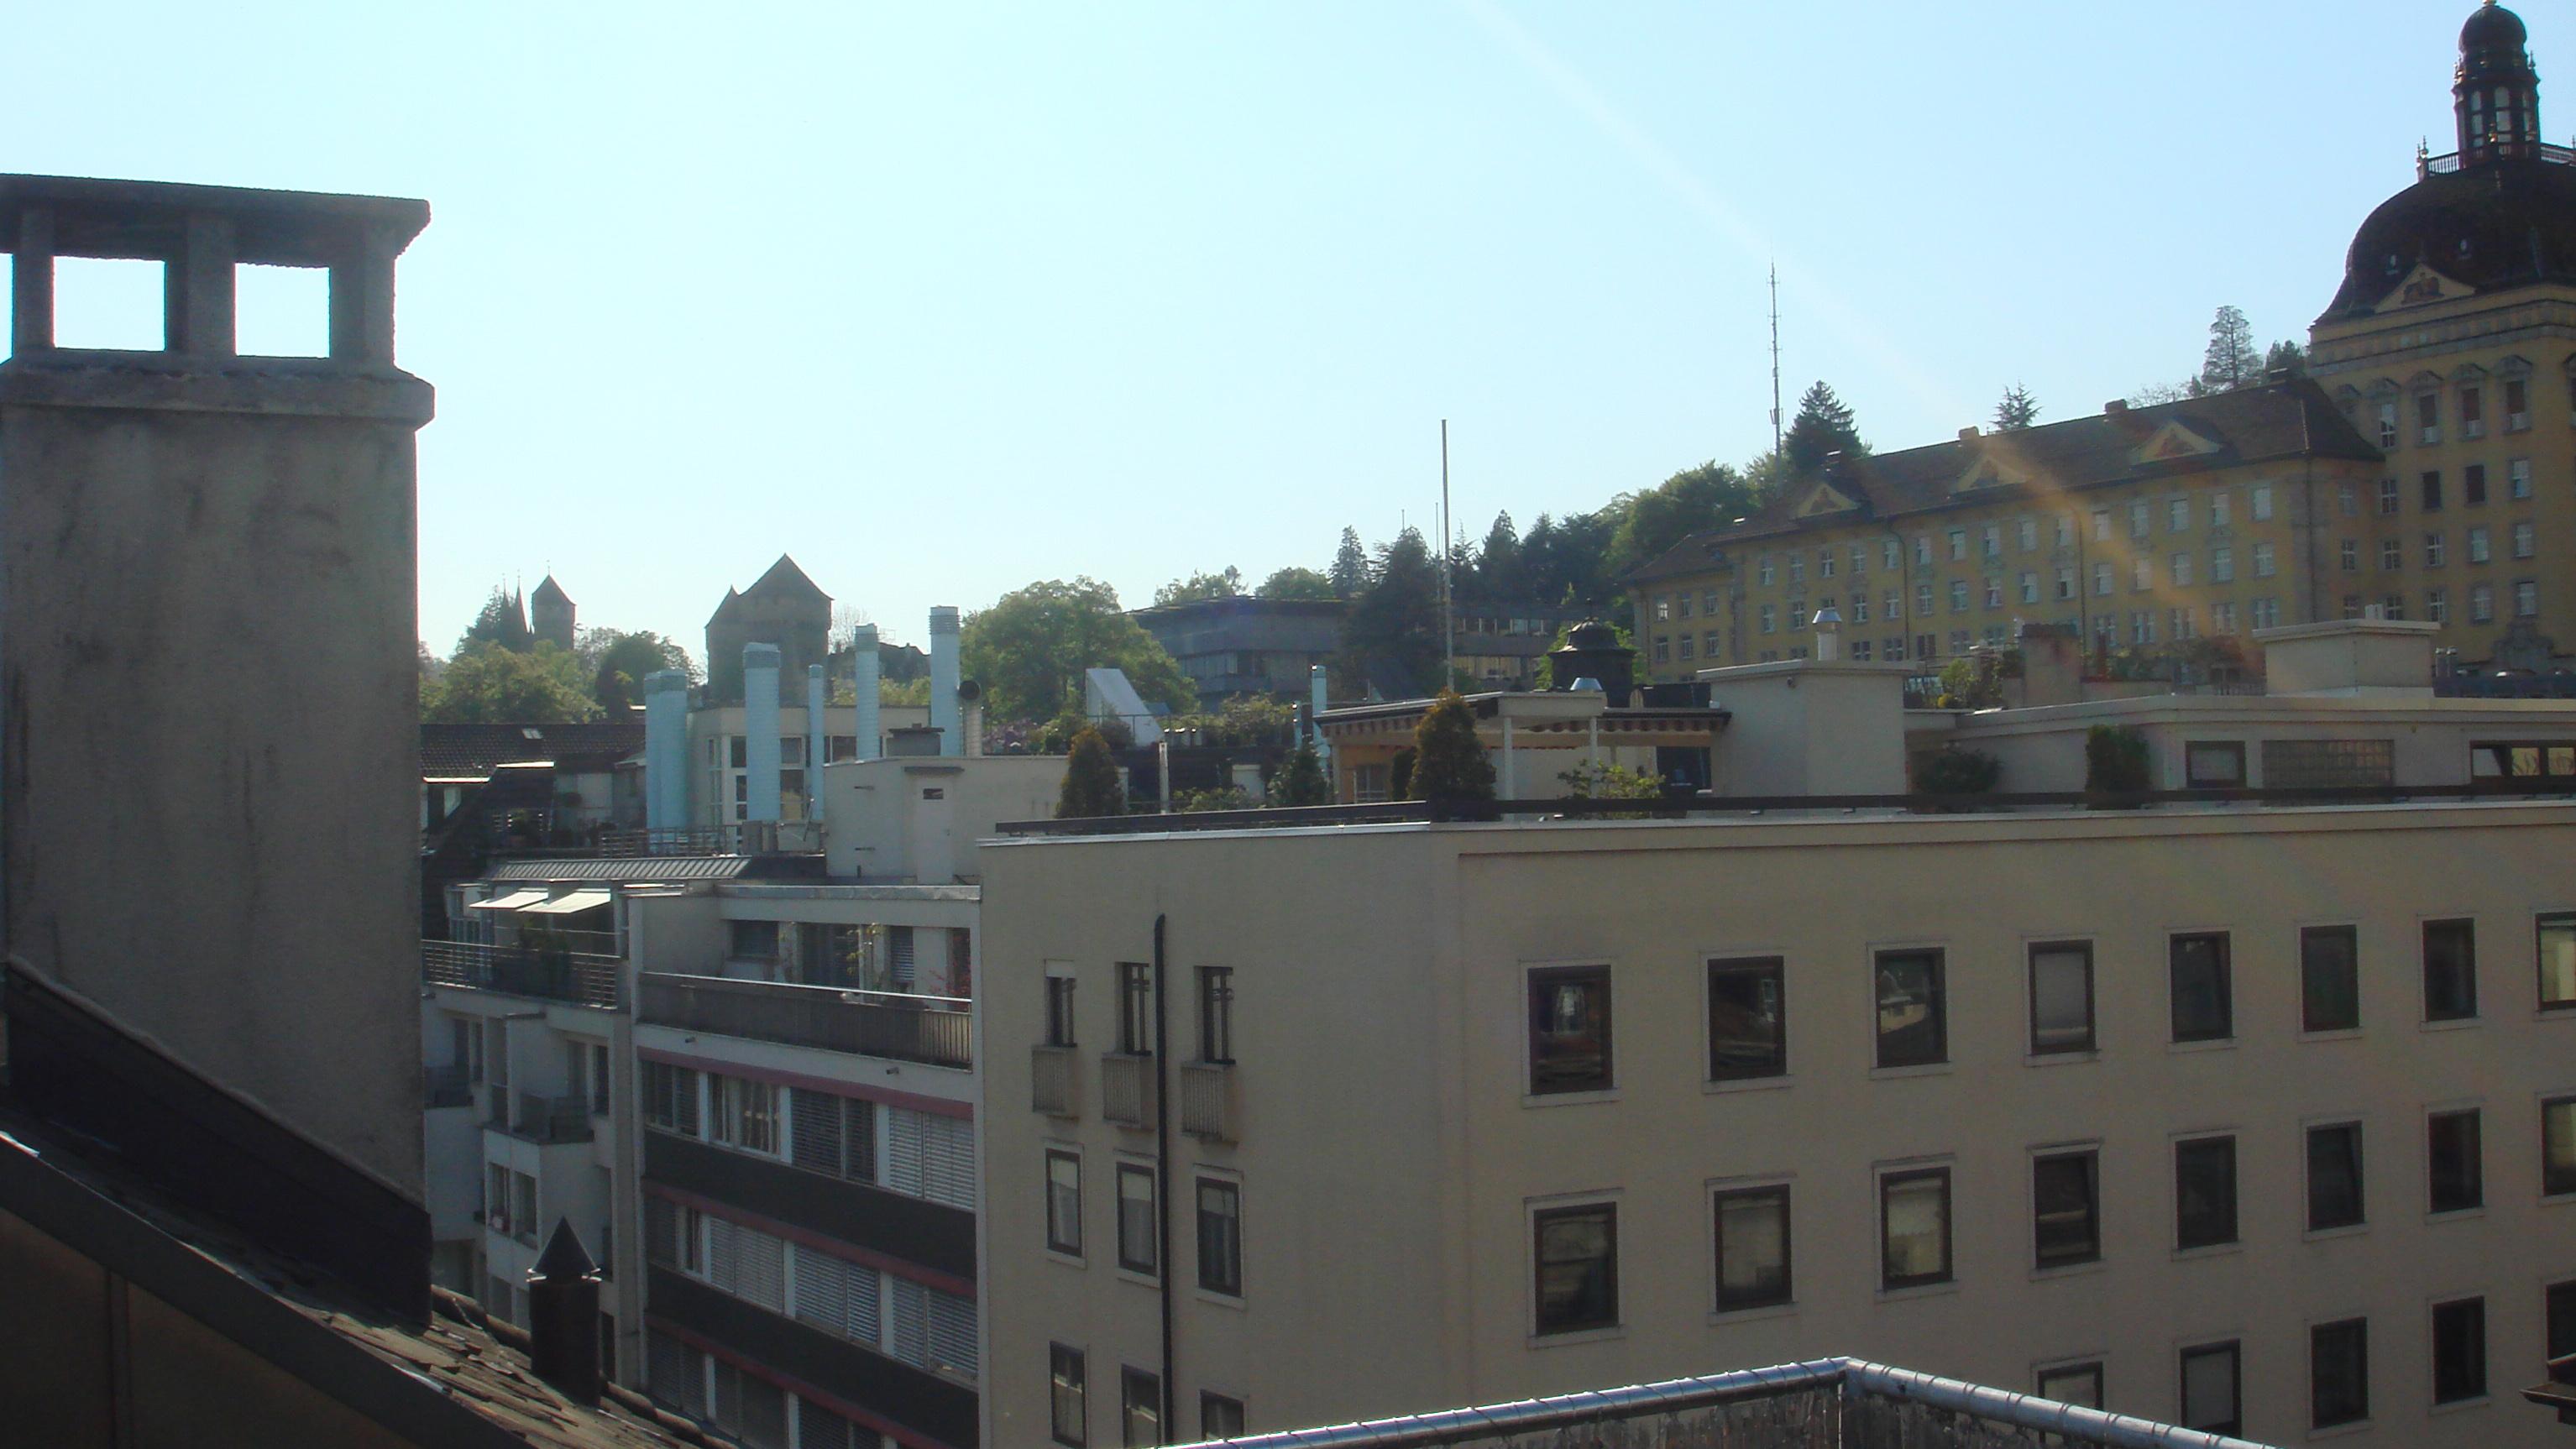 Dachwohnung im herzen von luzern mit dachterrasse mieten for Immobilien mieten